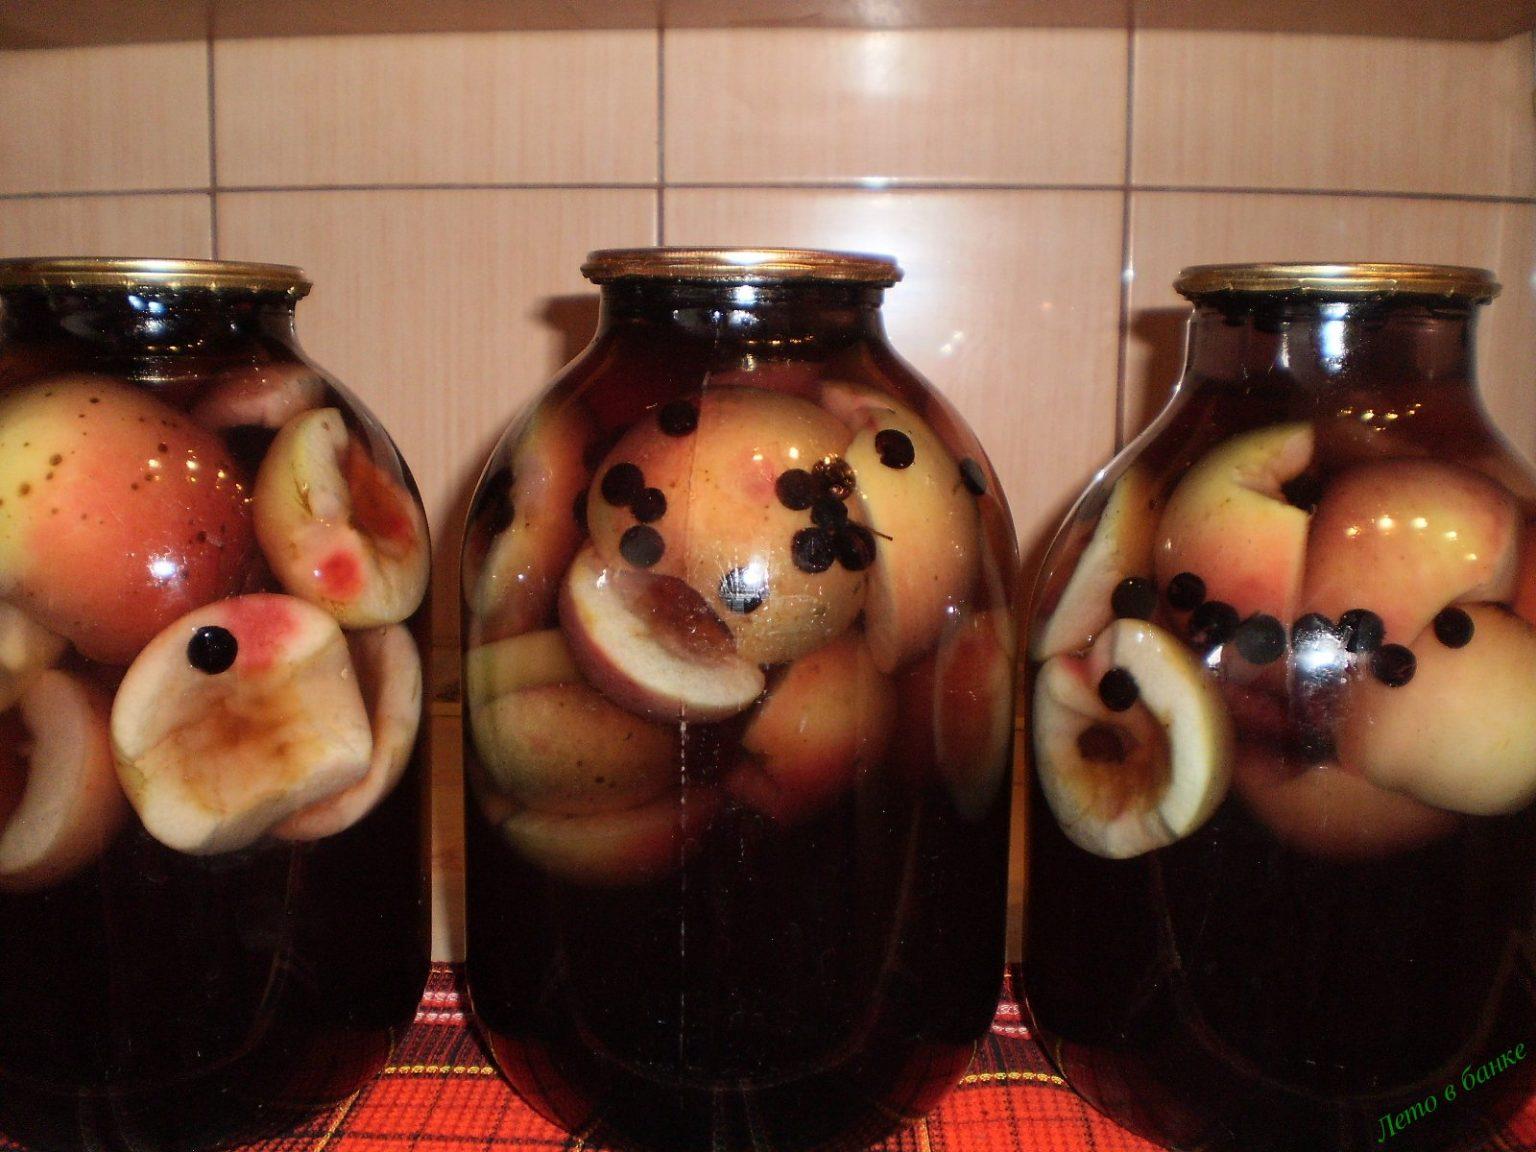 Пошаговый рецепт приготовления компота из ранеток на зиму